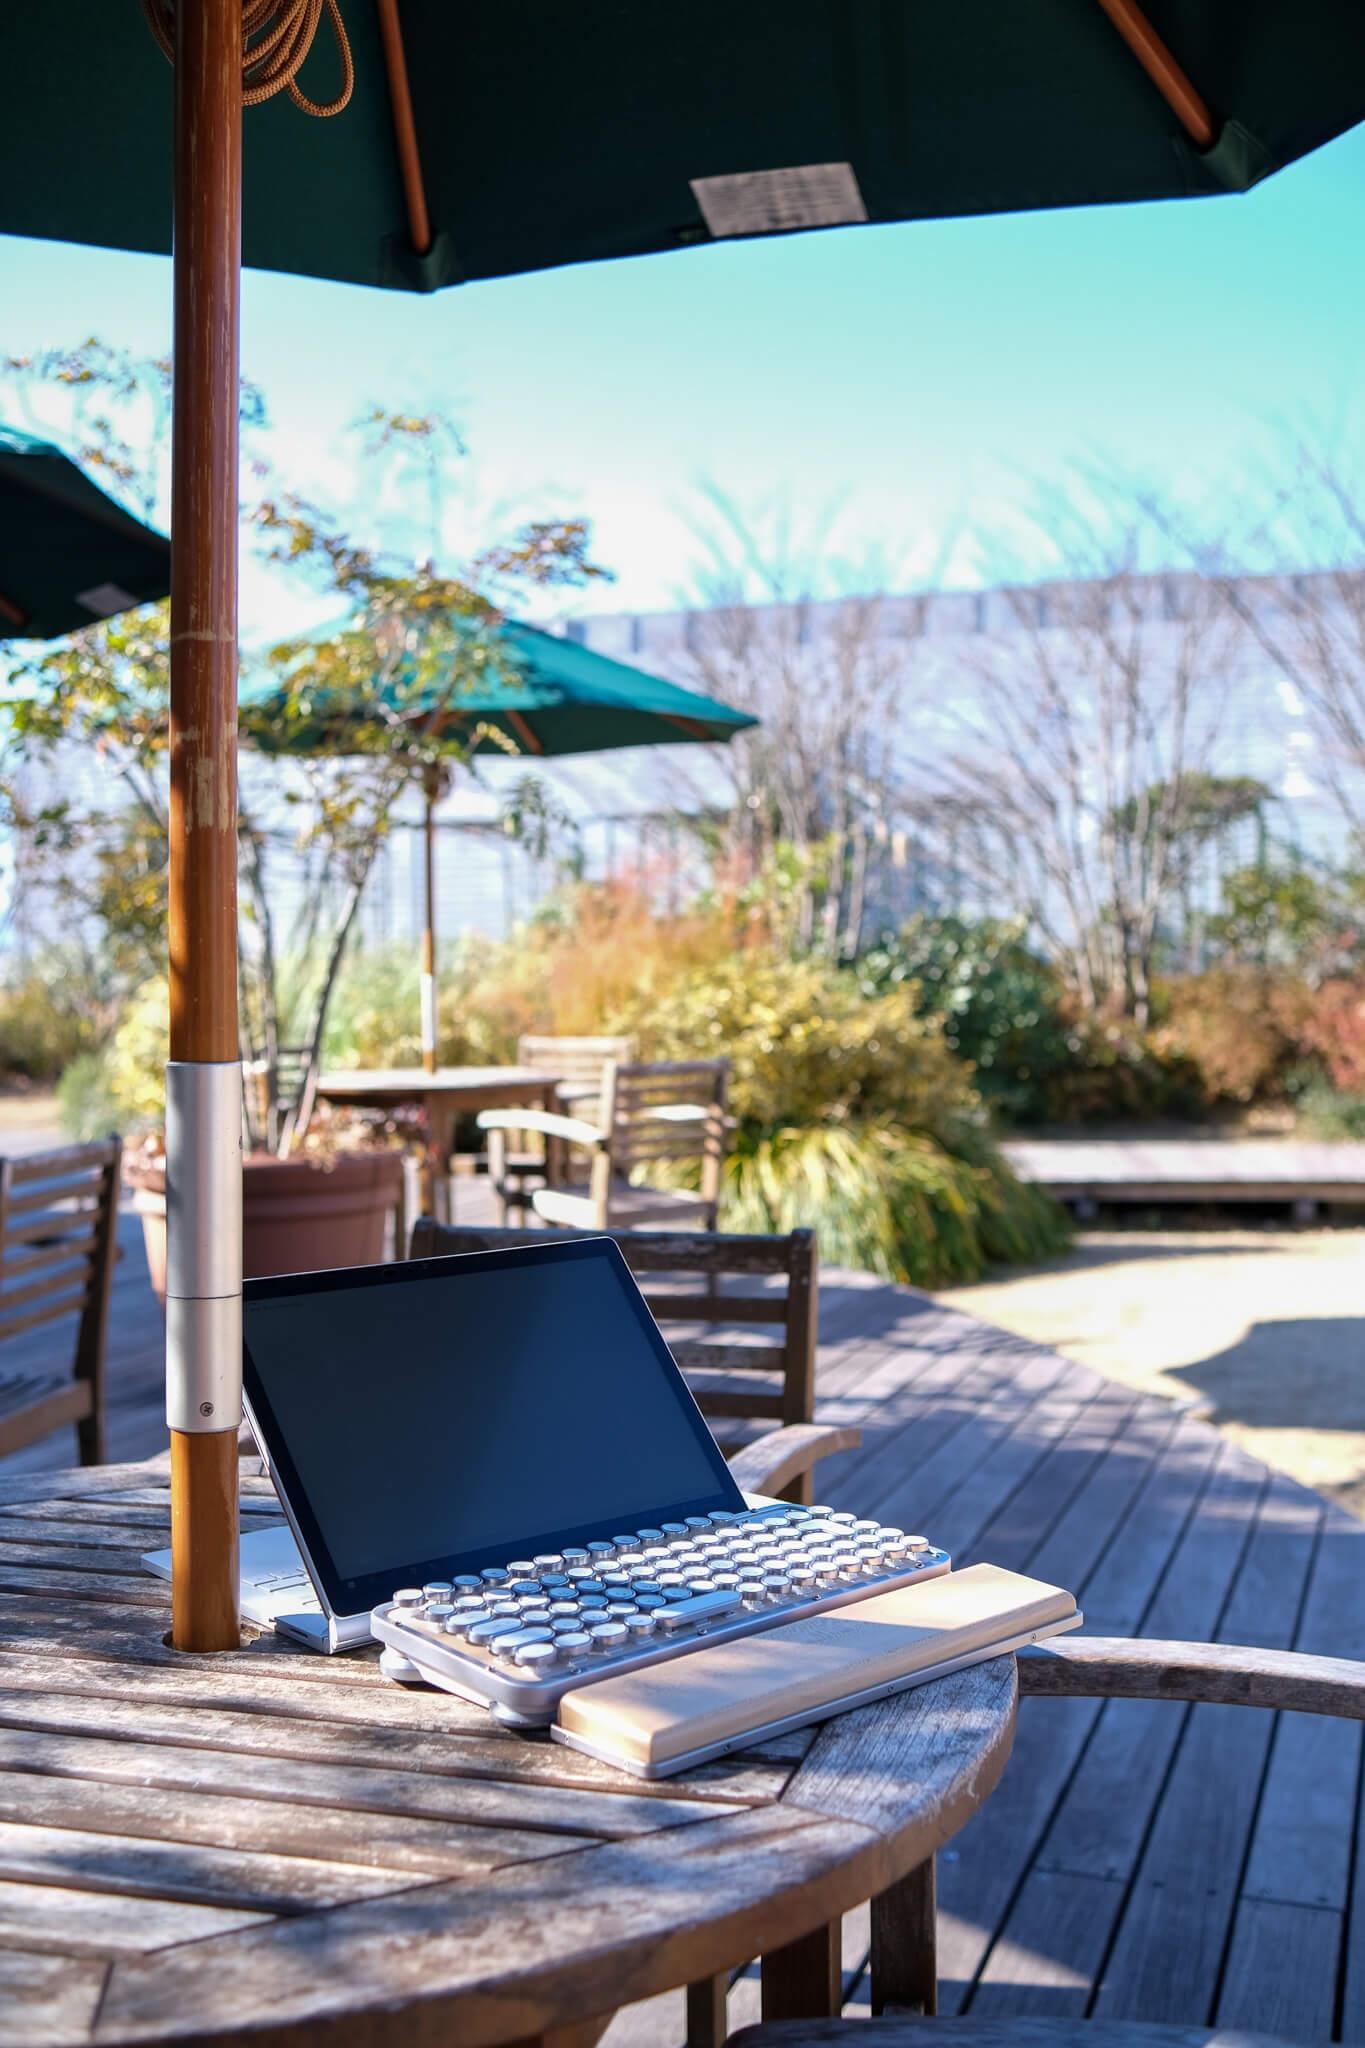 AZIOレトロクラシックキーボード PC接続〜使用までをレビュー AZIOレトロクラシックキーボードをカフェで使用